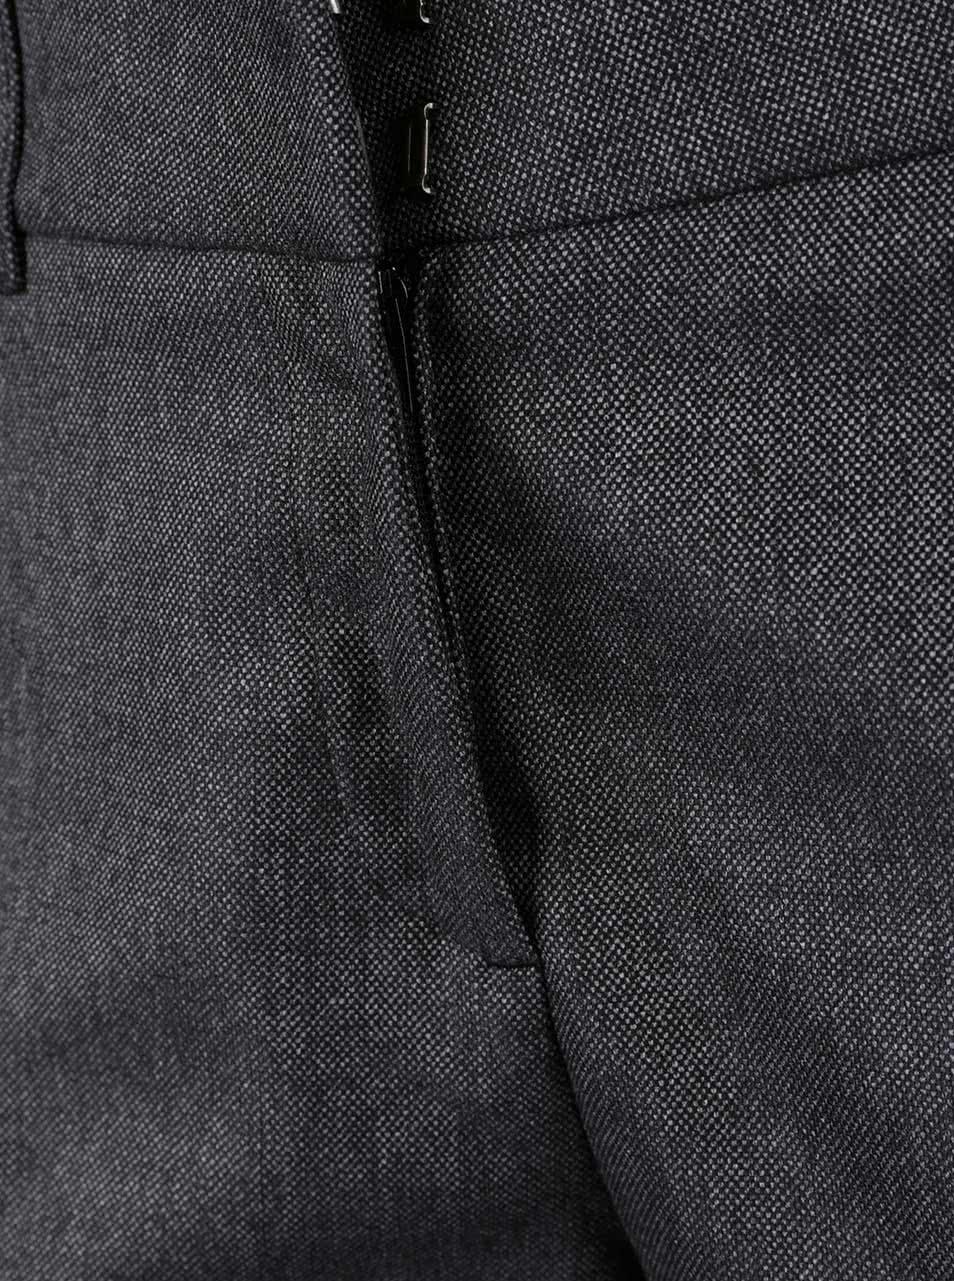 f9dac808b743 Tmavosivé dámske skrátené formálne nohavice s.Oliver